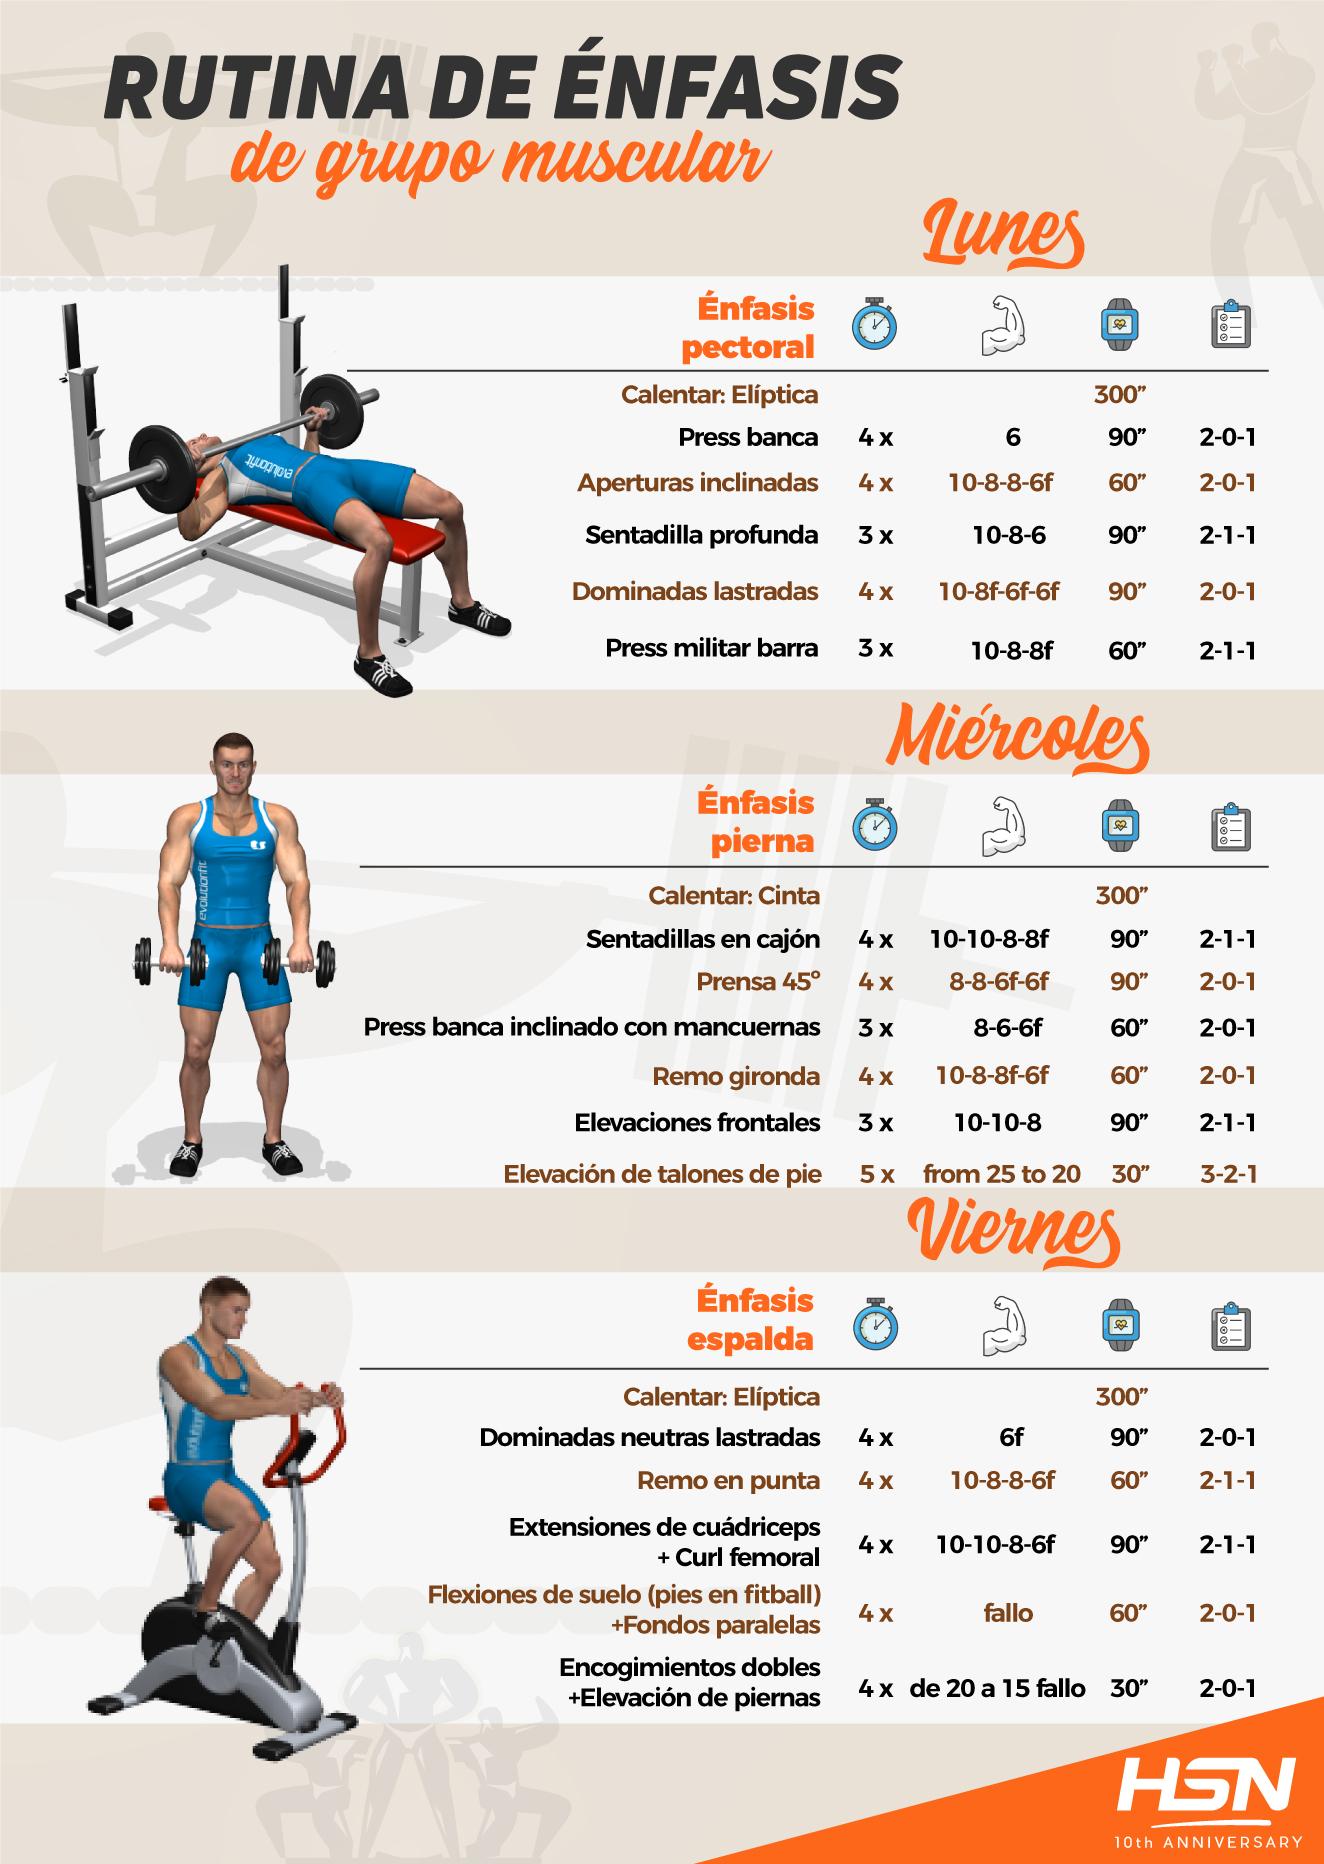 Rutina HSN Grupo de Énfasis Muscular